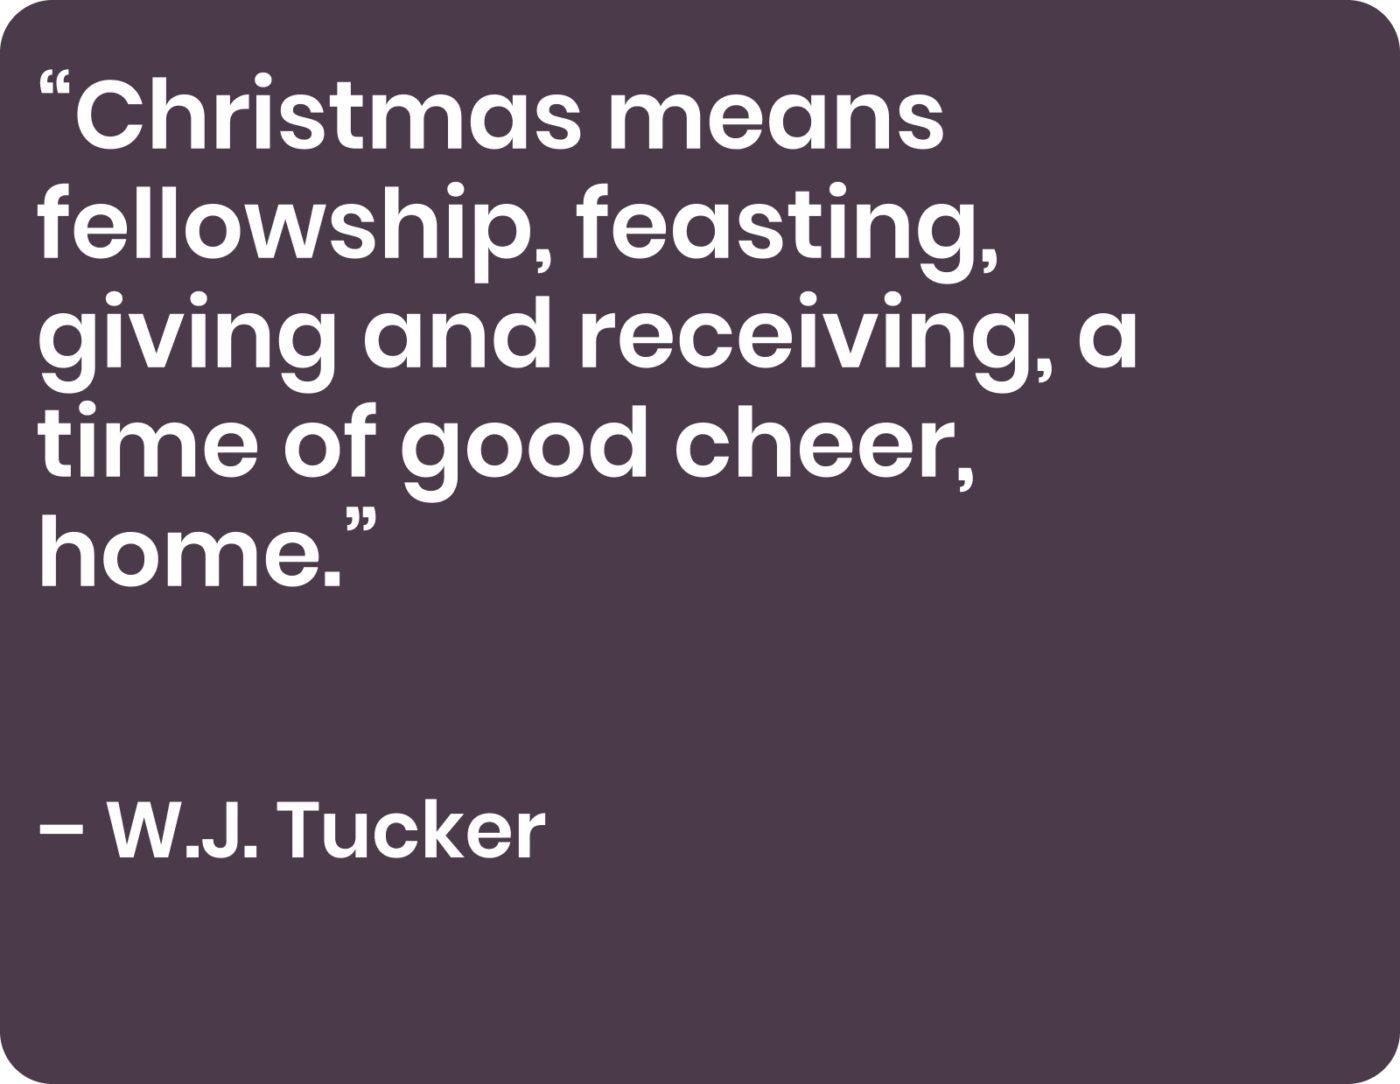 W.J. Tucker